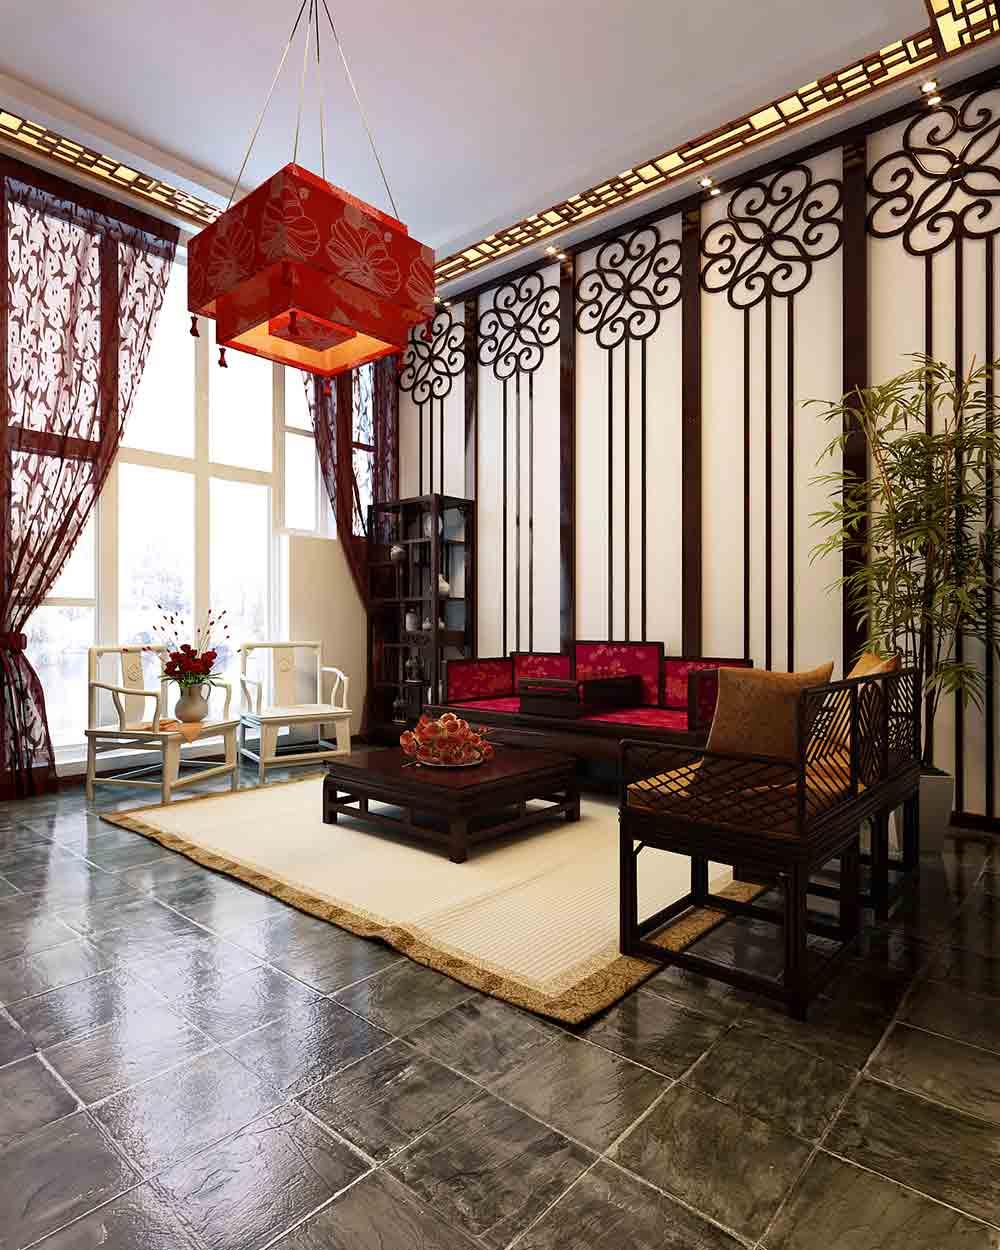 中式精致宫殿风格客厅装修设计